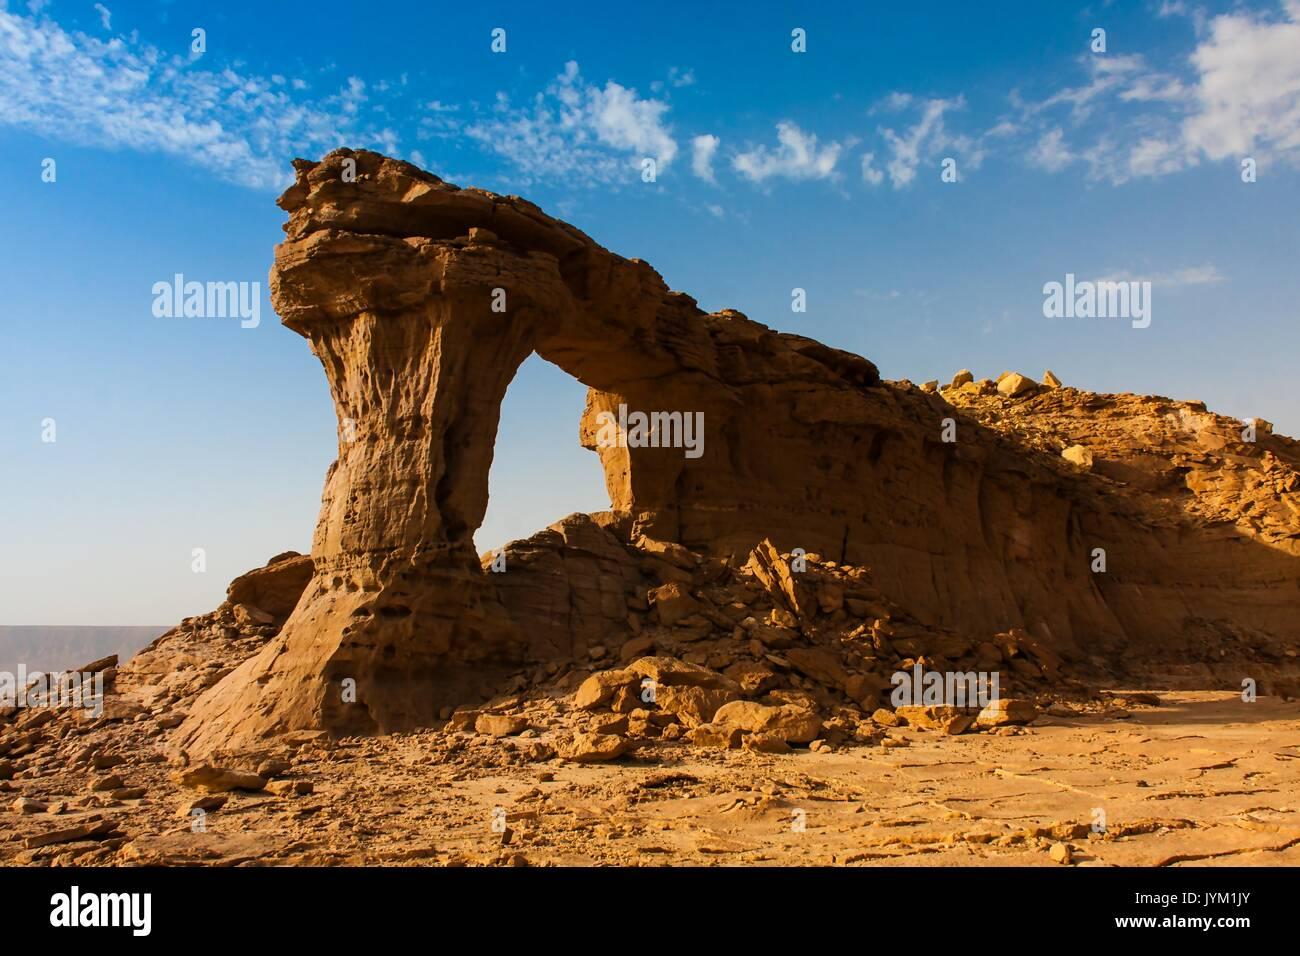 Natural Arch of Riyadh, Saudi Arabia - Stock Image